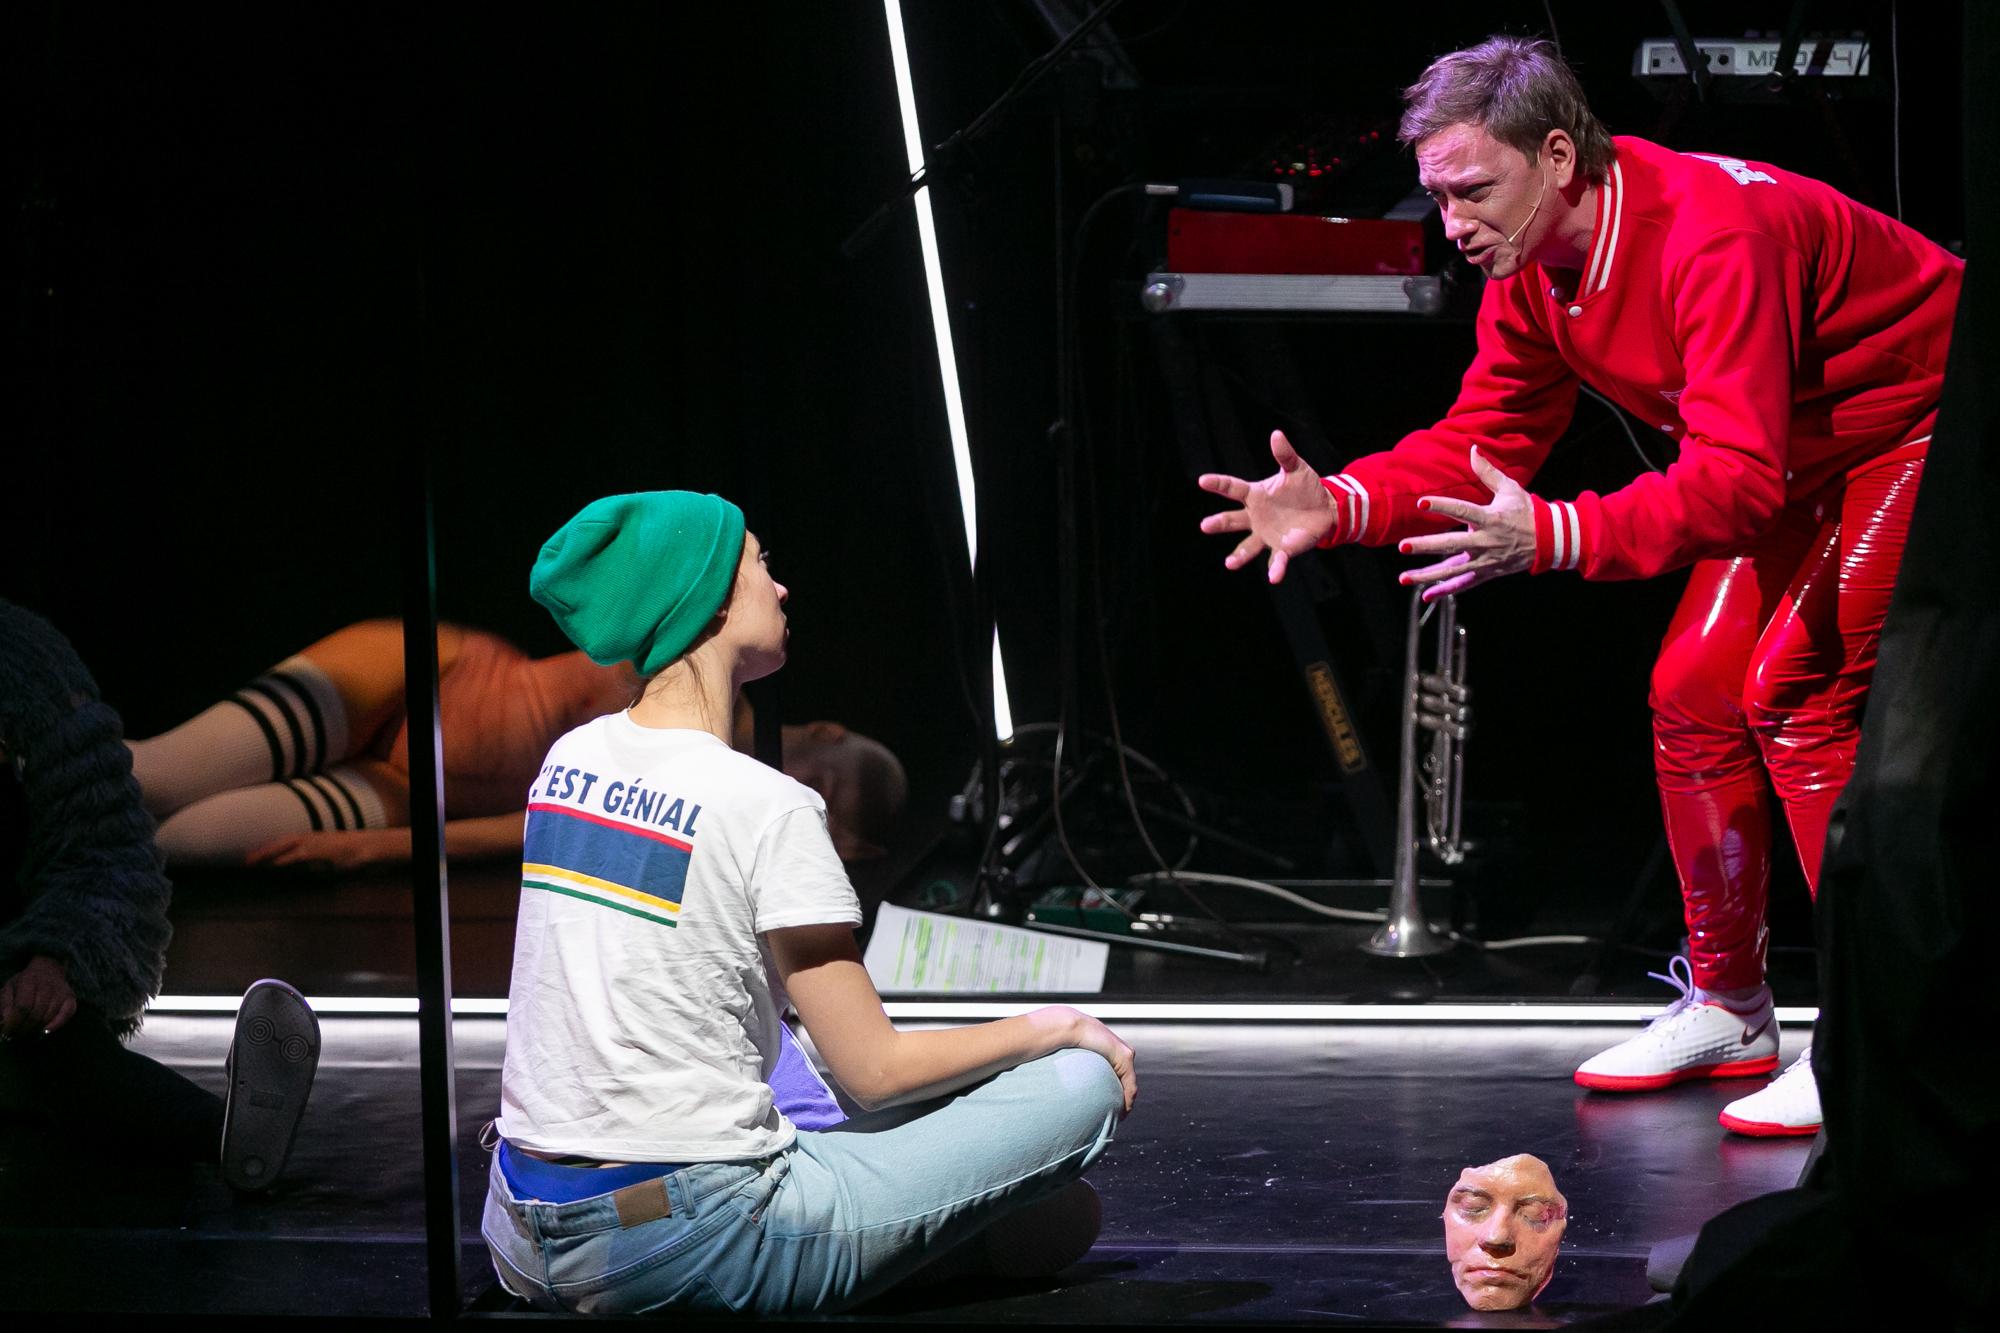 """Na pierwszym planie, odwrócony do publiczności prawym półprofilem, siedzi po turecku Reżyser - kobieta w białej koszulce z napisem na plecach """"C'EST GENIAL"""", w zielonej czapce z dzianiny i w dżinsach, spod ktorych wystają niebieskie majtki. Słucha, co mówi pochylony nad nią Karol Polski - gestykulujący w emocjach mężczyzna w czerwonym dresie z białymi wstawkami, w biało-czerwonych butach sportowych, z paznokciami pomalowanymi na czerwono. Obok nich na podłodze leży maska - odlew twarzy Karola Polskiego."""